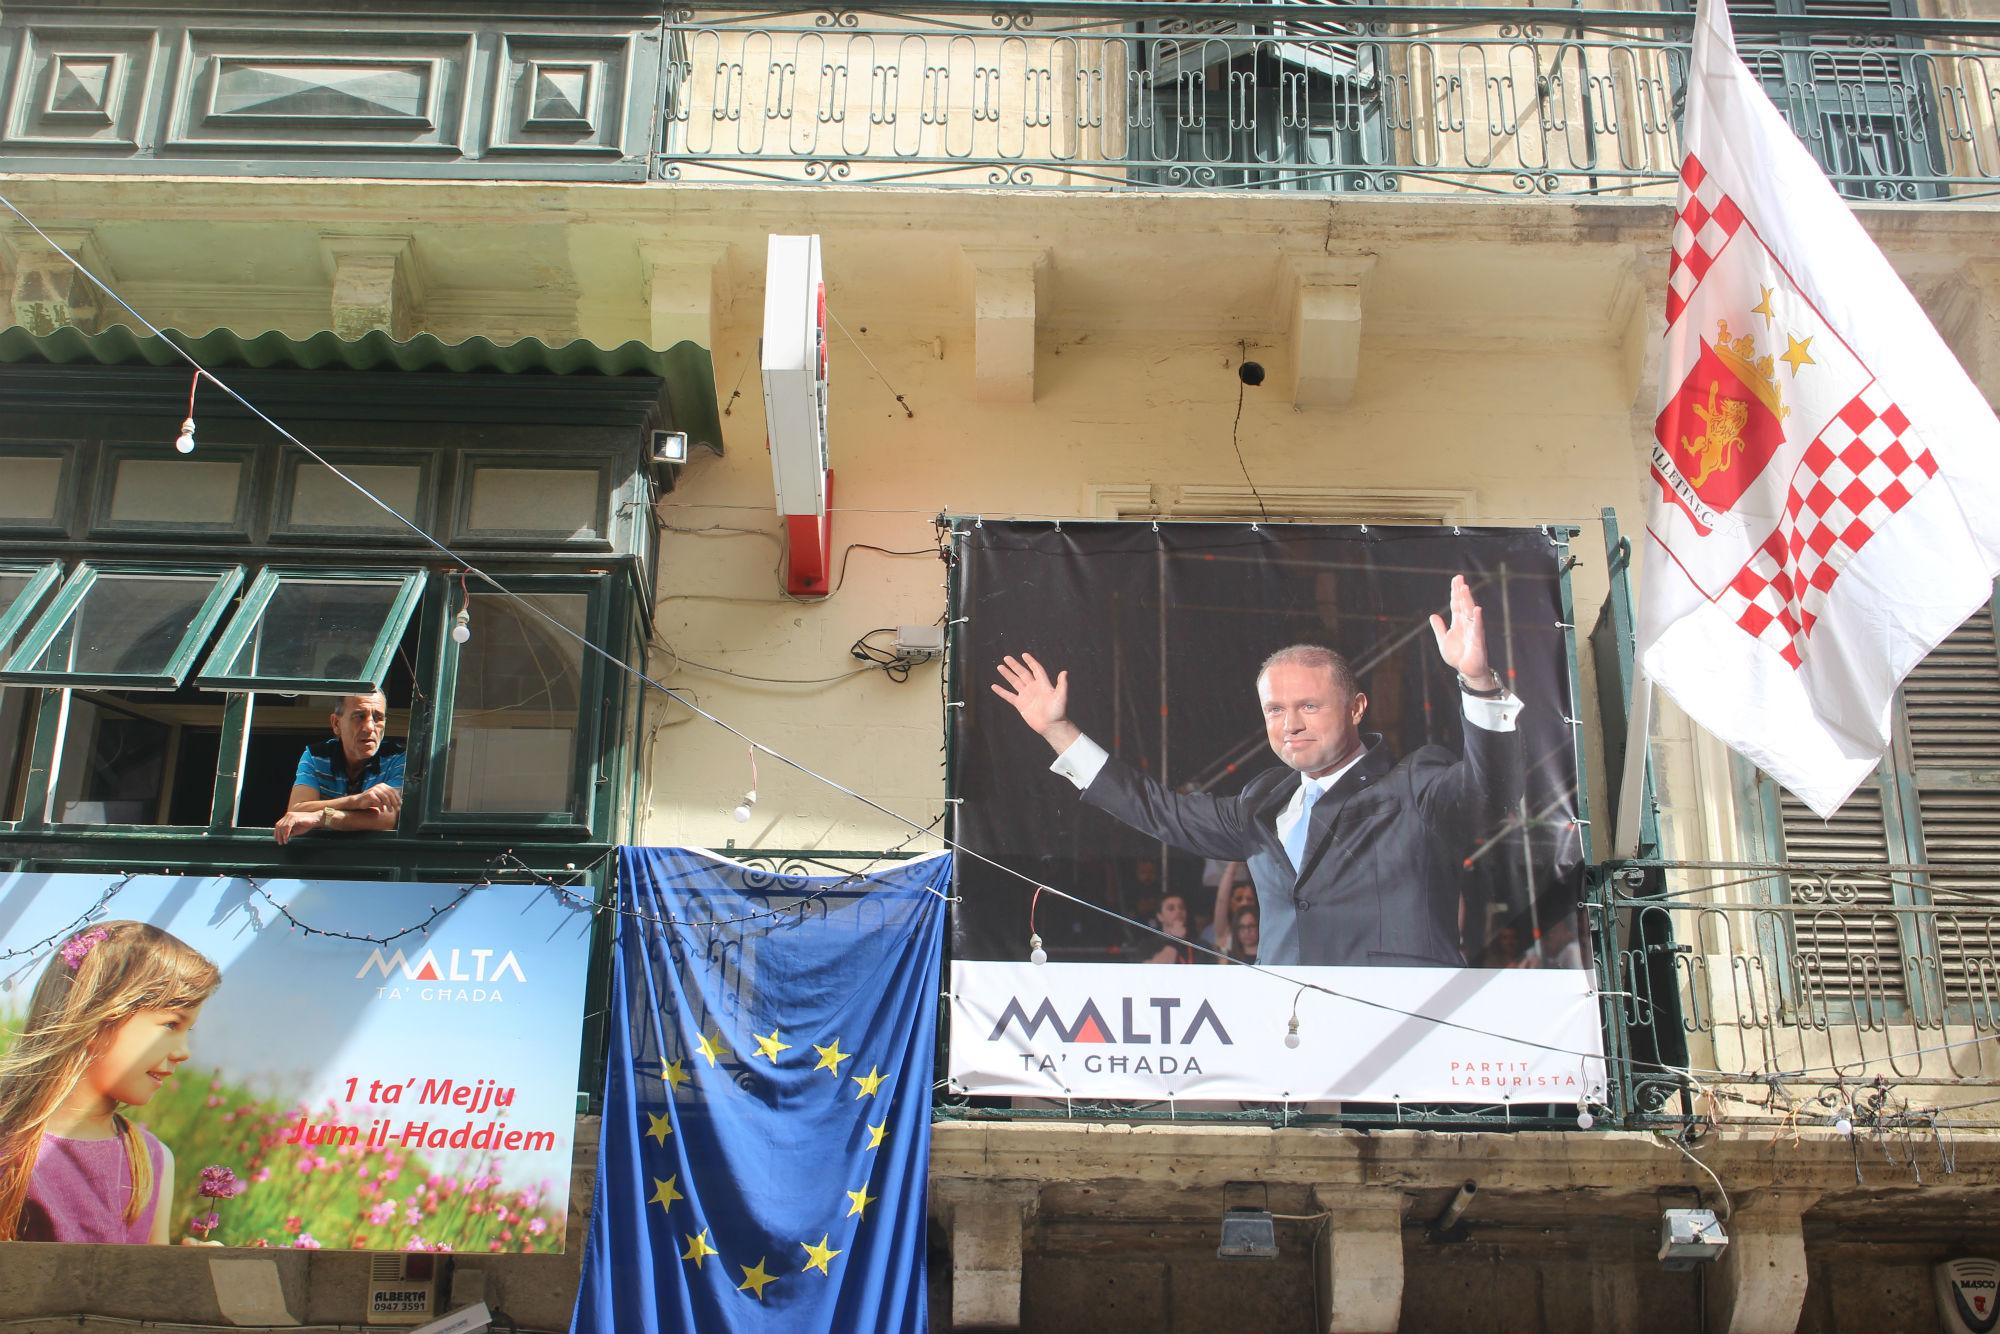 Γραφεία του Εργατικού Κόμματος στην πρωτεύουσα Βαλέτα. Στο πανό ο 44χρονος πρωθυπουργός Τζοζέφ Μουσκάτ.